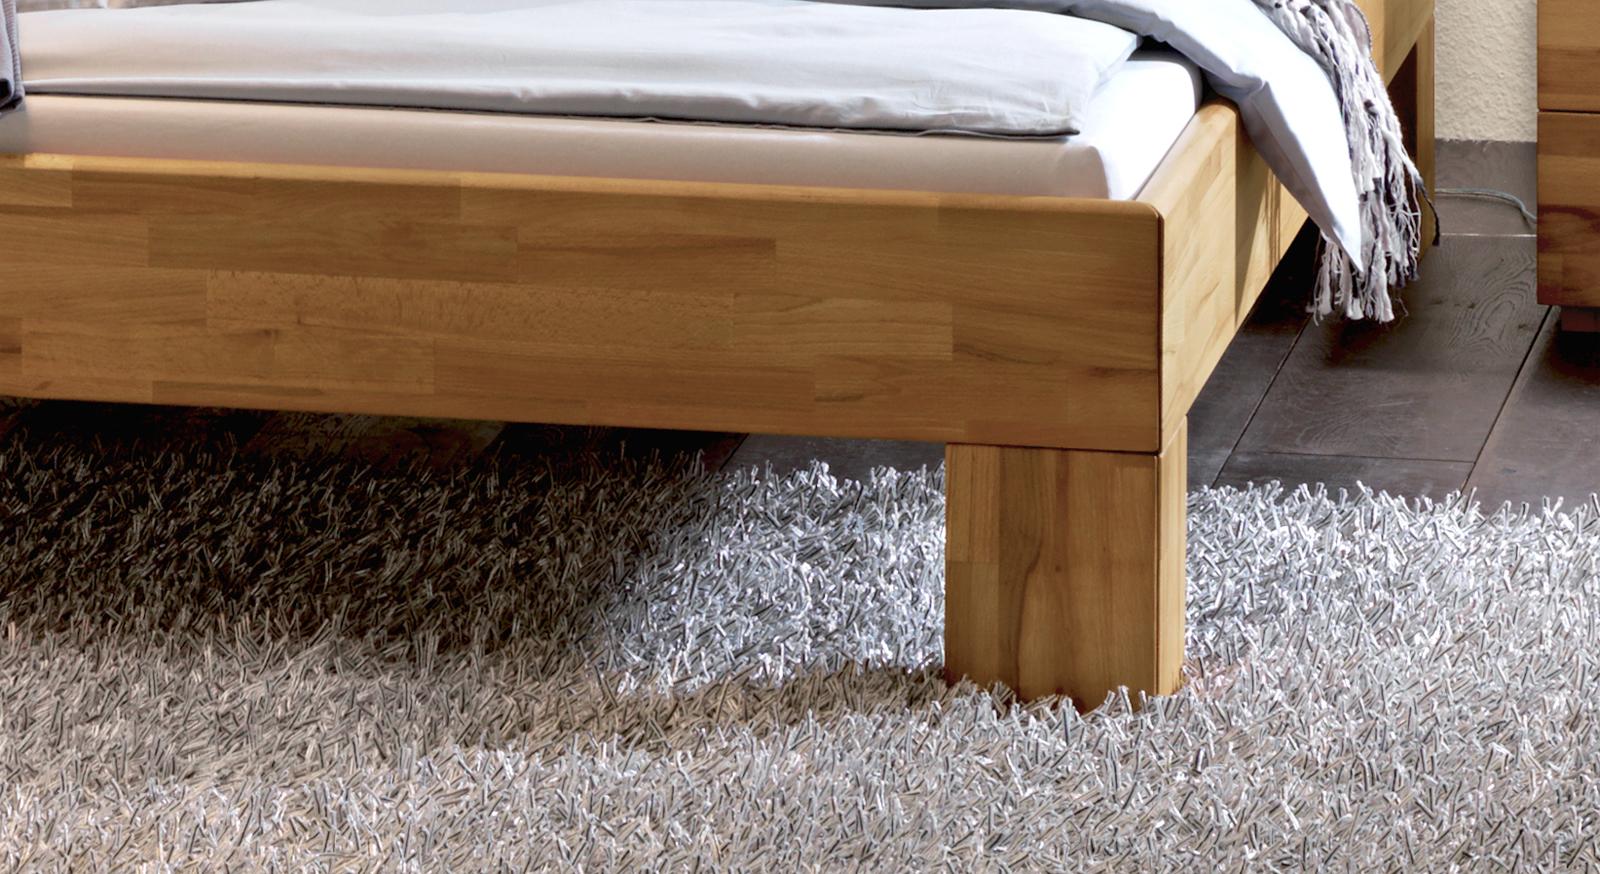 Bett La Gomera Füße Bettbeine Rahmen in Kernbuche